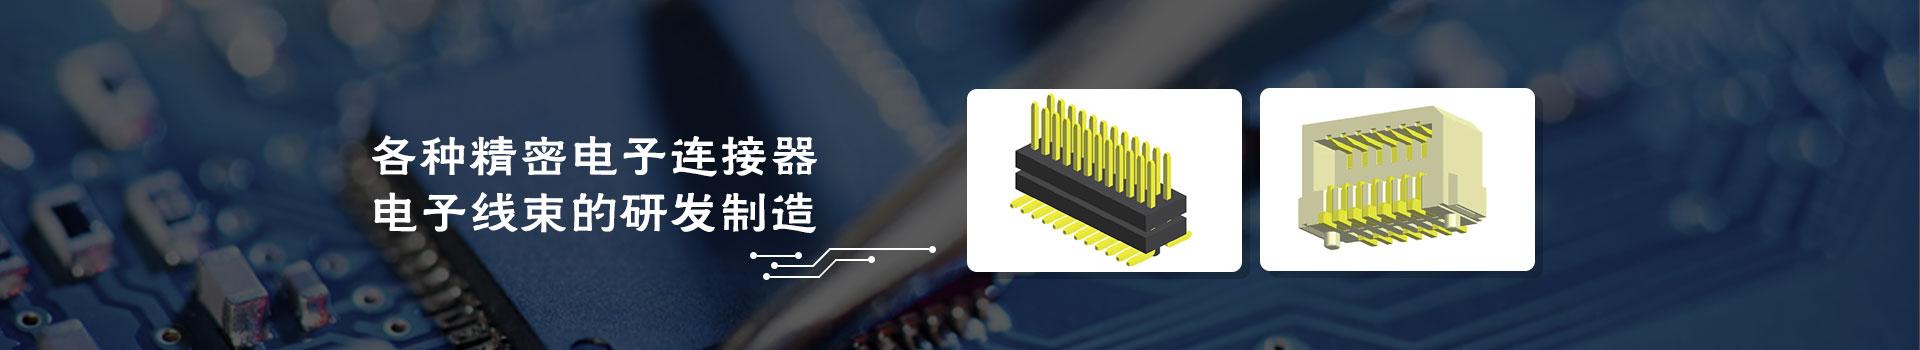 连接器生产厂家